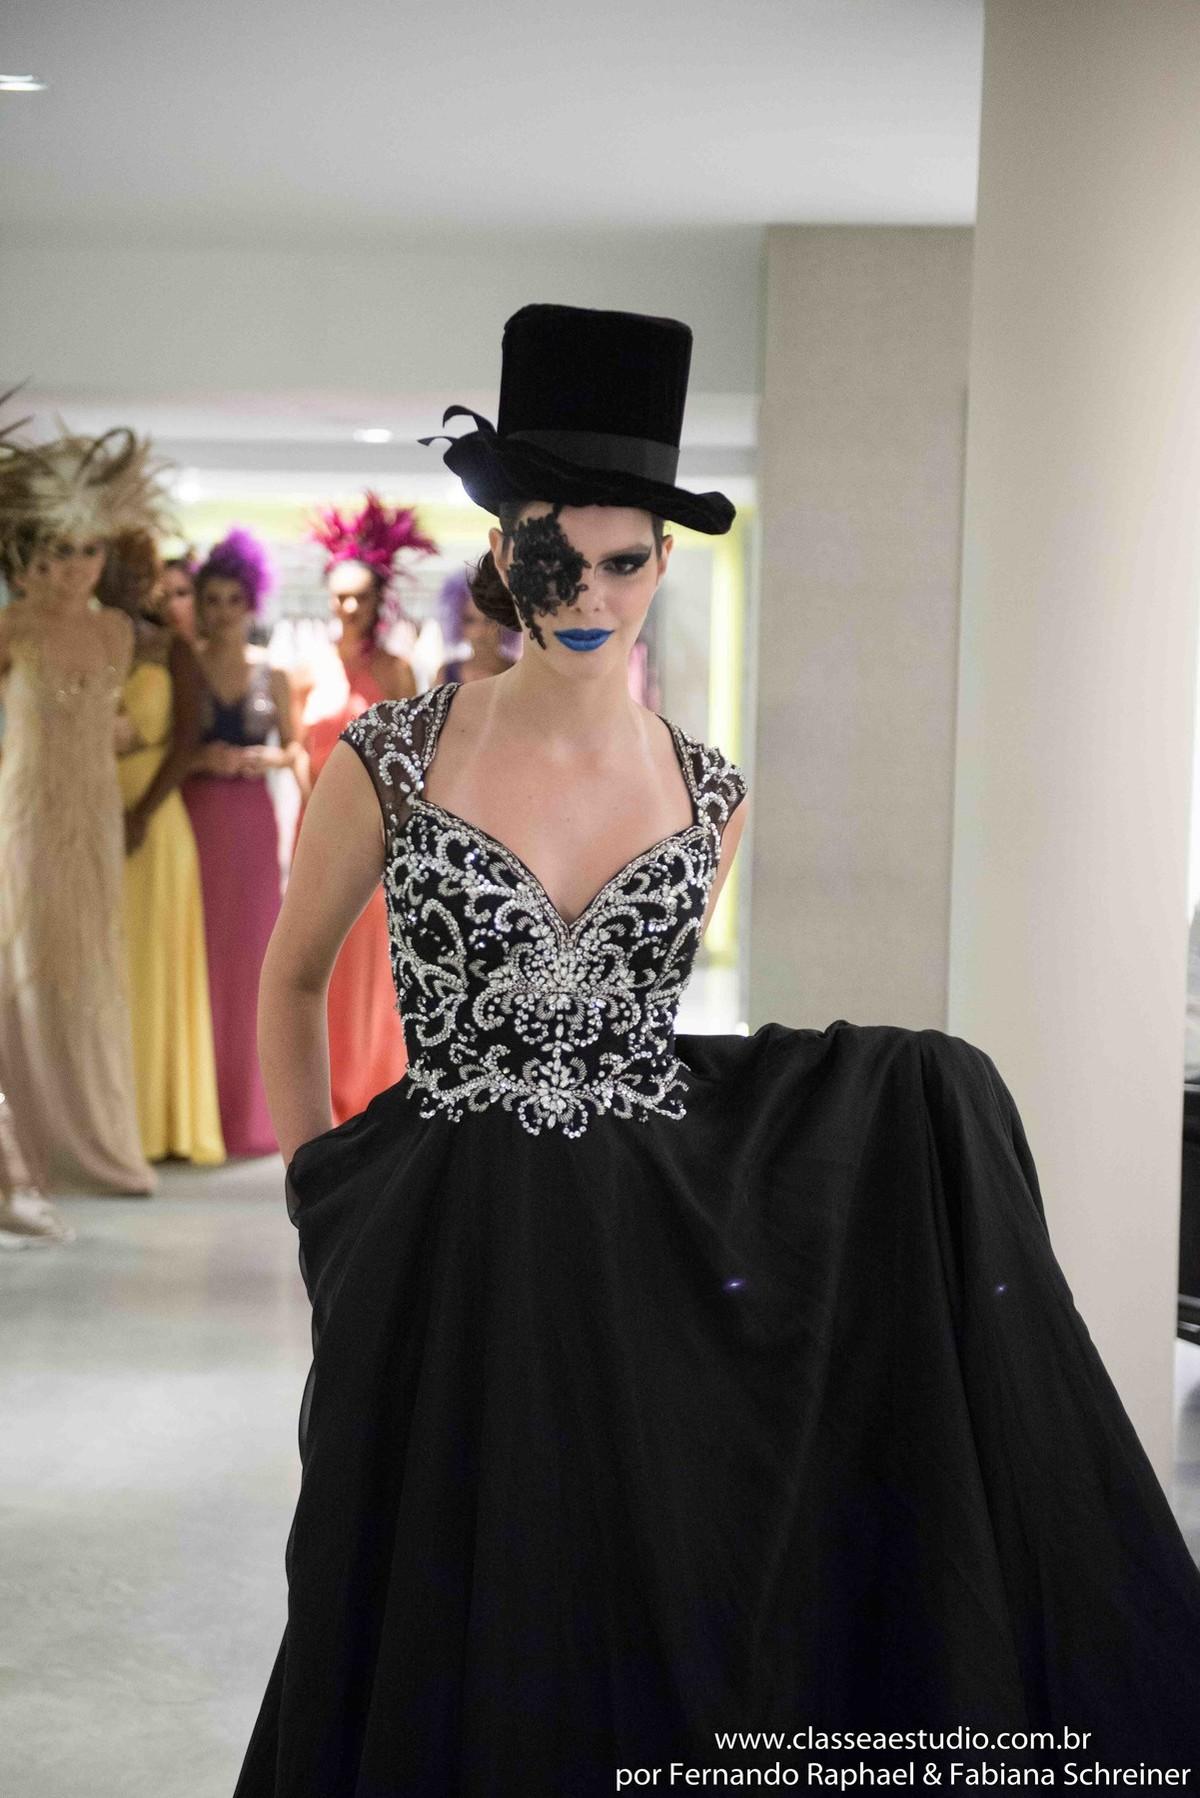 2b01b7b4155e2 Eventos - Desfile de moda na A Maison e lançamento do blog Werner ...